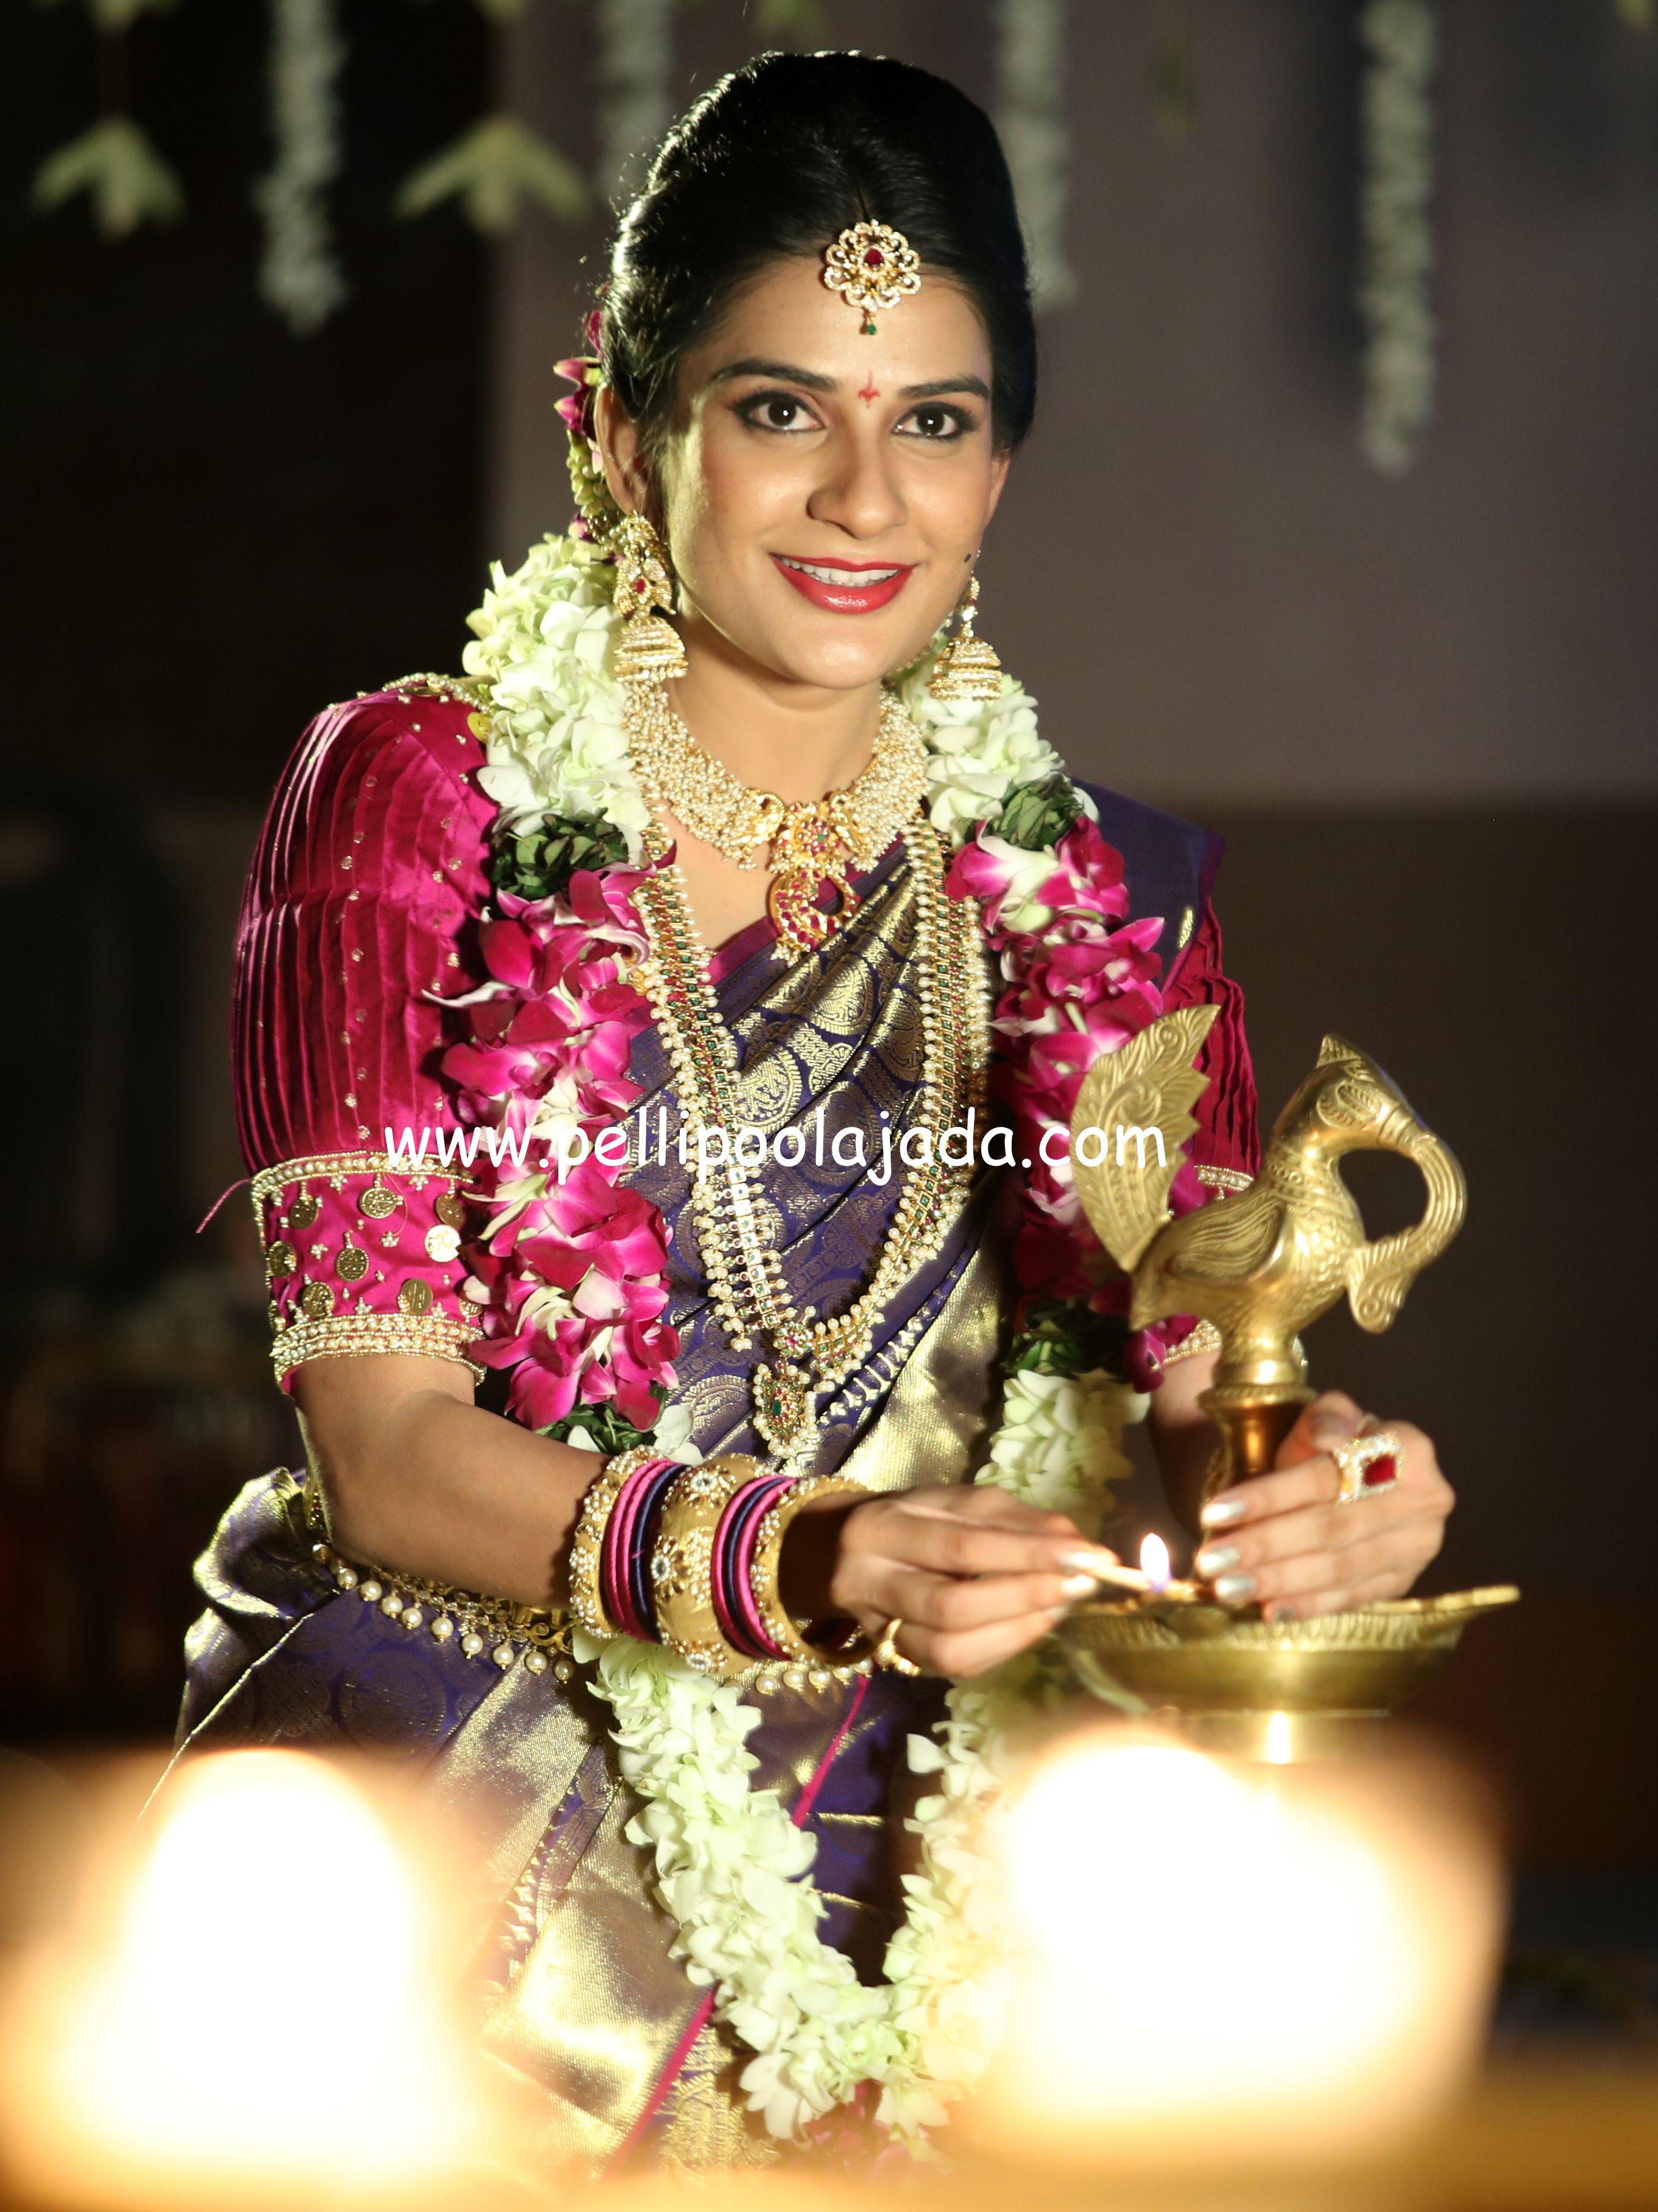 Orchid Garland Varmala For Telugu Bride Accessories By Texas Branch Telugu Wedding Indian Wedding Garland Indian Wedding